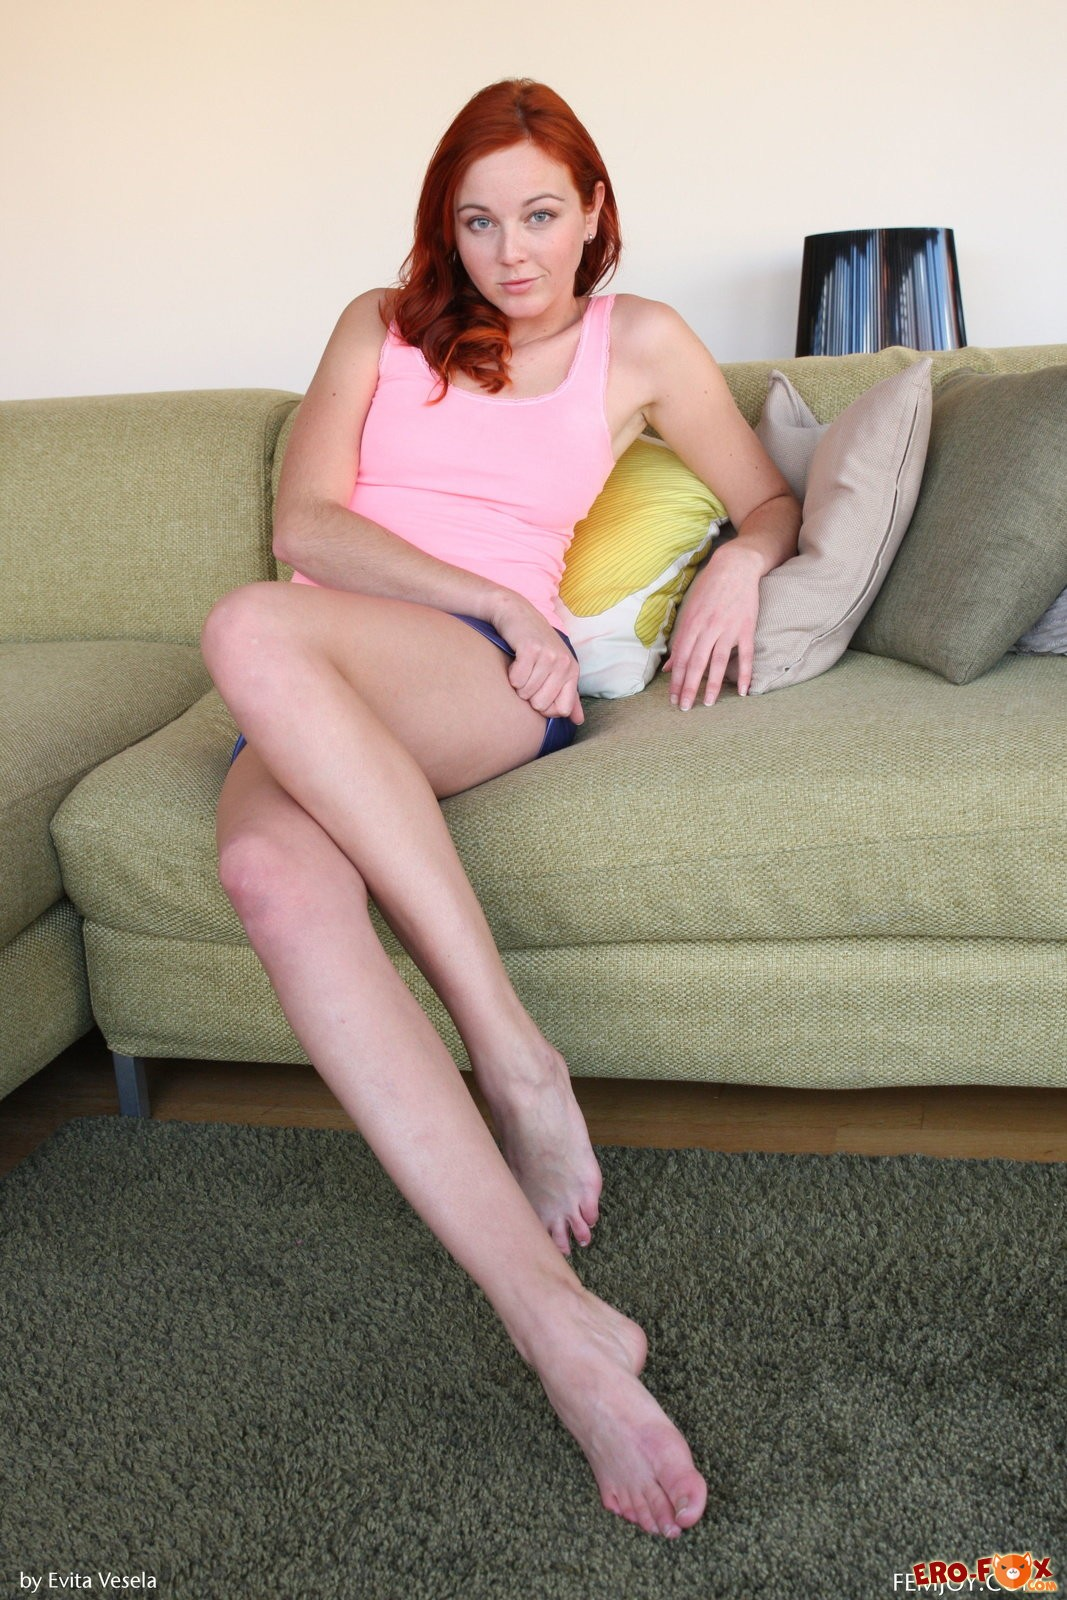 Голенькая рыжая тёлка на диване